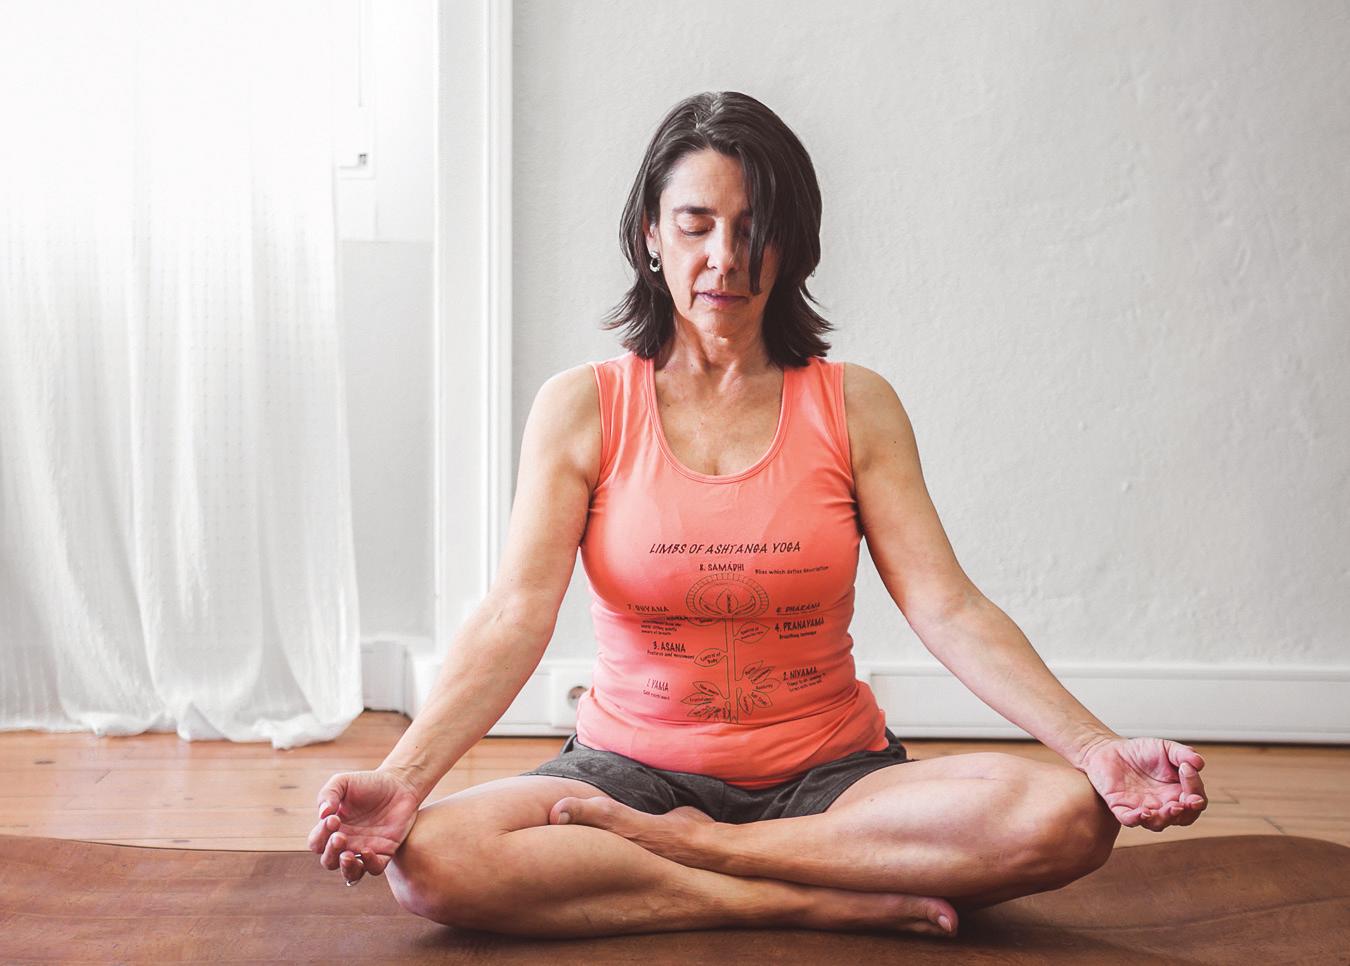 Nunca é tarde. O João começou a fazer exercício (Asthanga Yoga) aos 50. E aqui está ele! p136